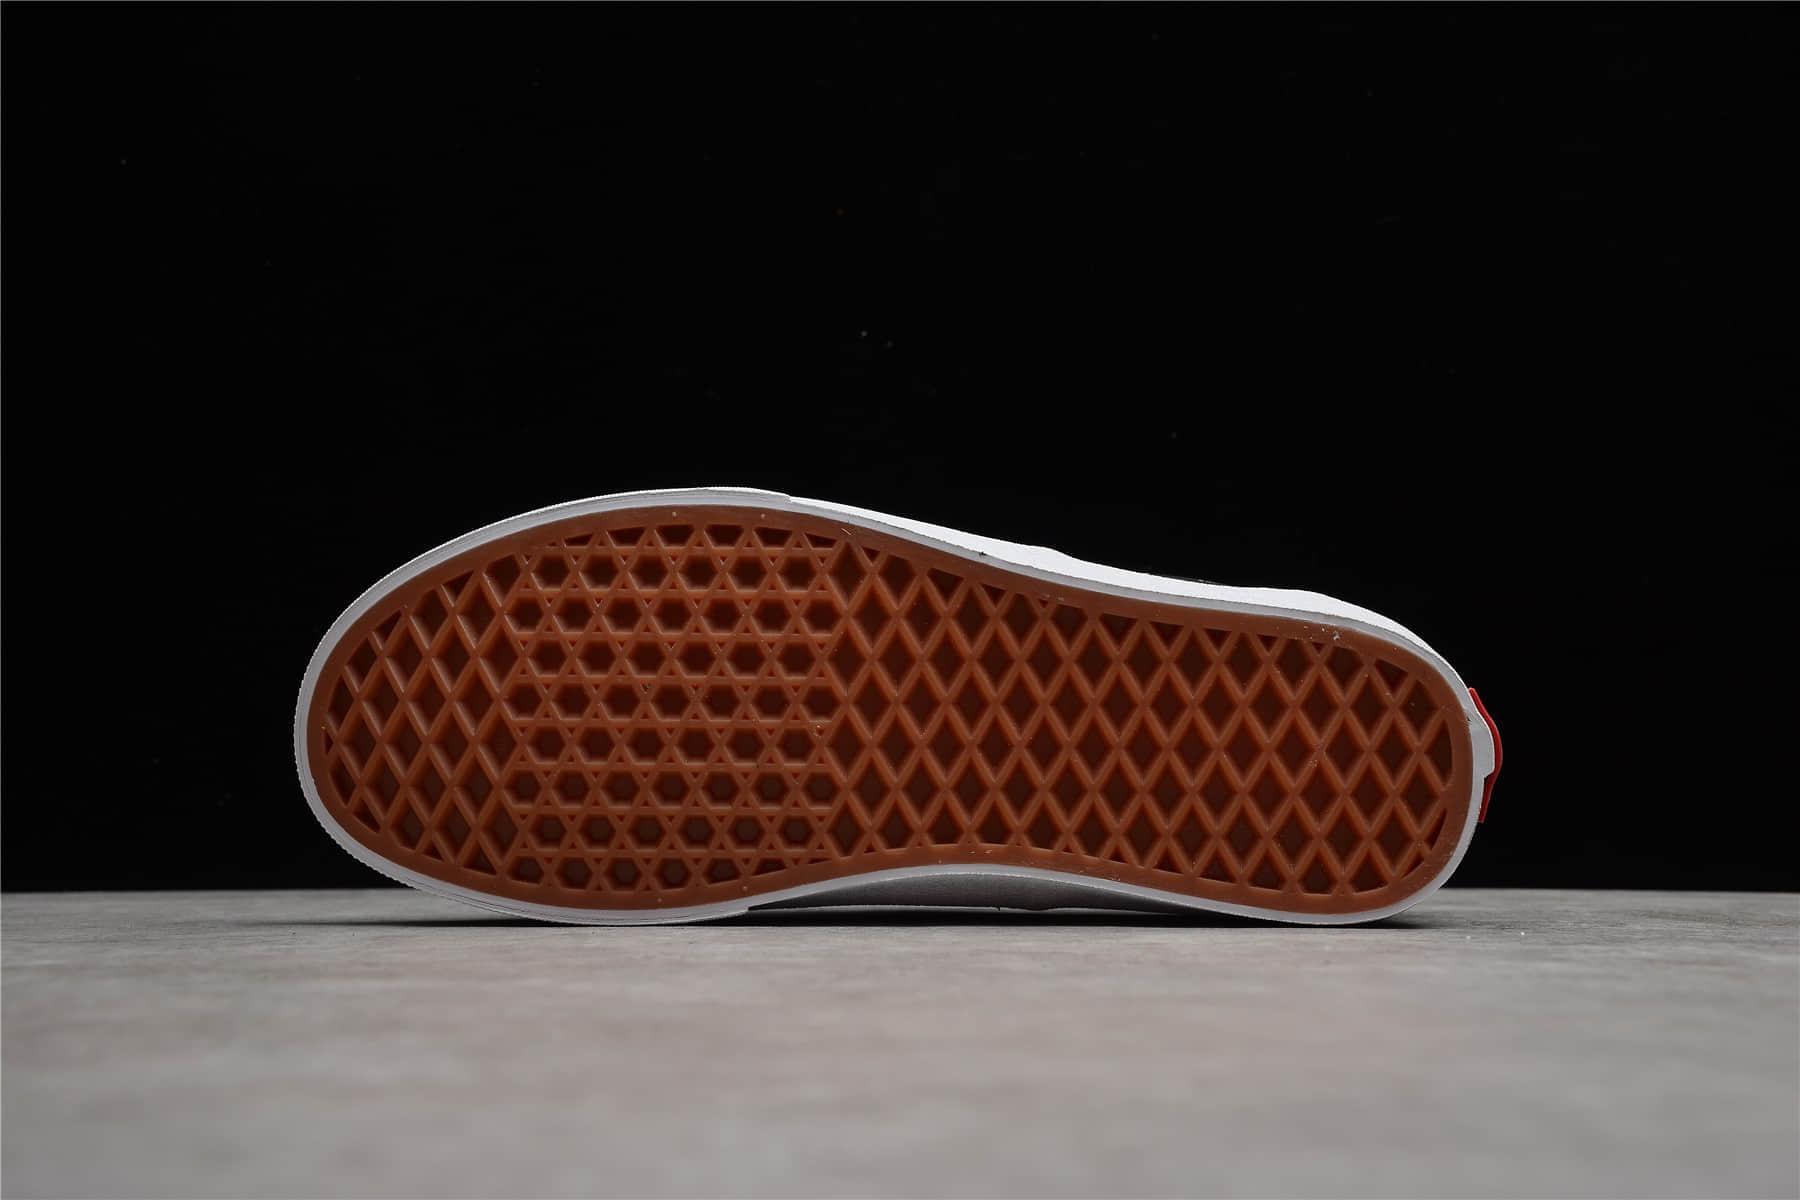 万斯黑白LOGO字母印花 VANS Era万斯轻便百搭经典帆布鞋 万斯黑白低帮板鞋 货号:VN0A54F1QW7-潮流者之家